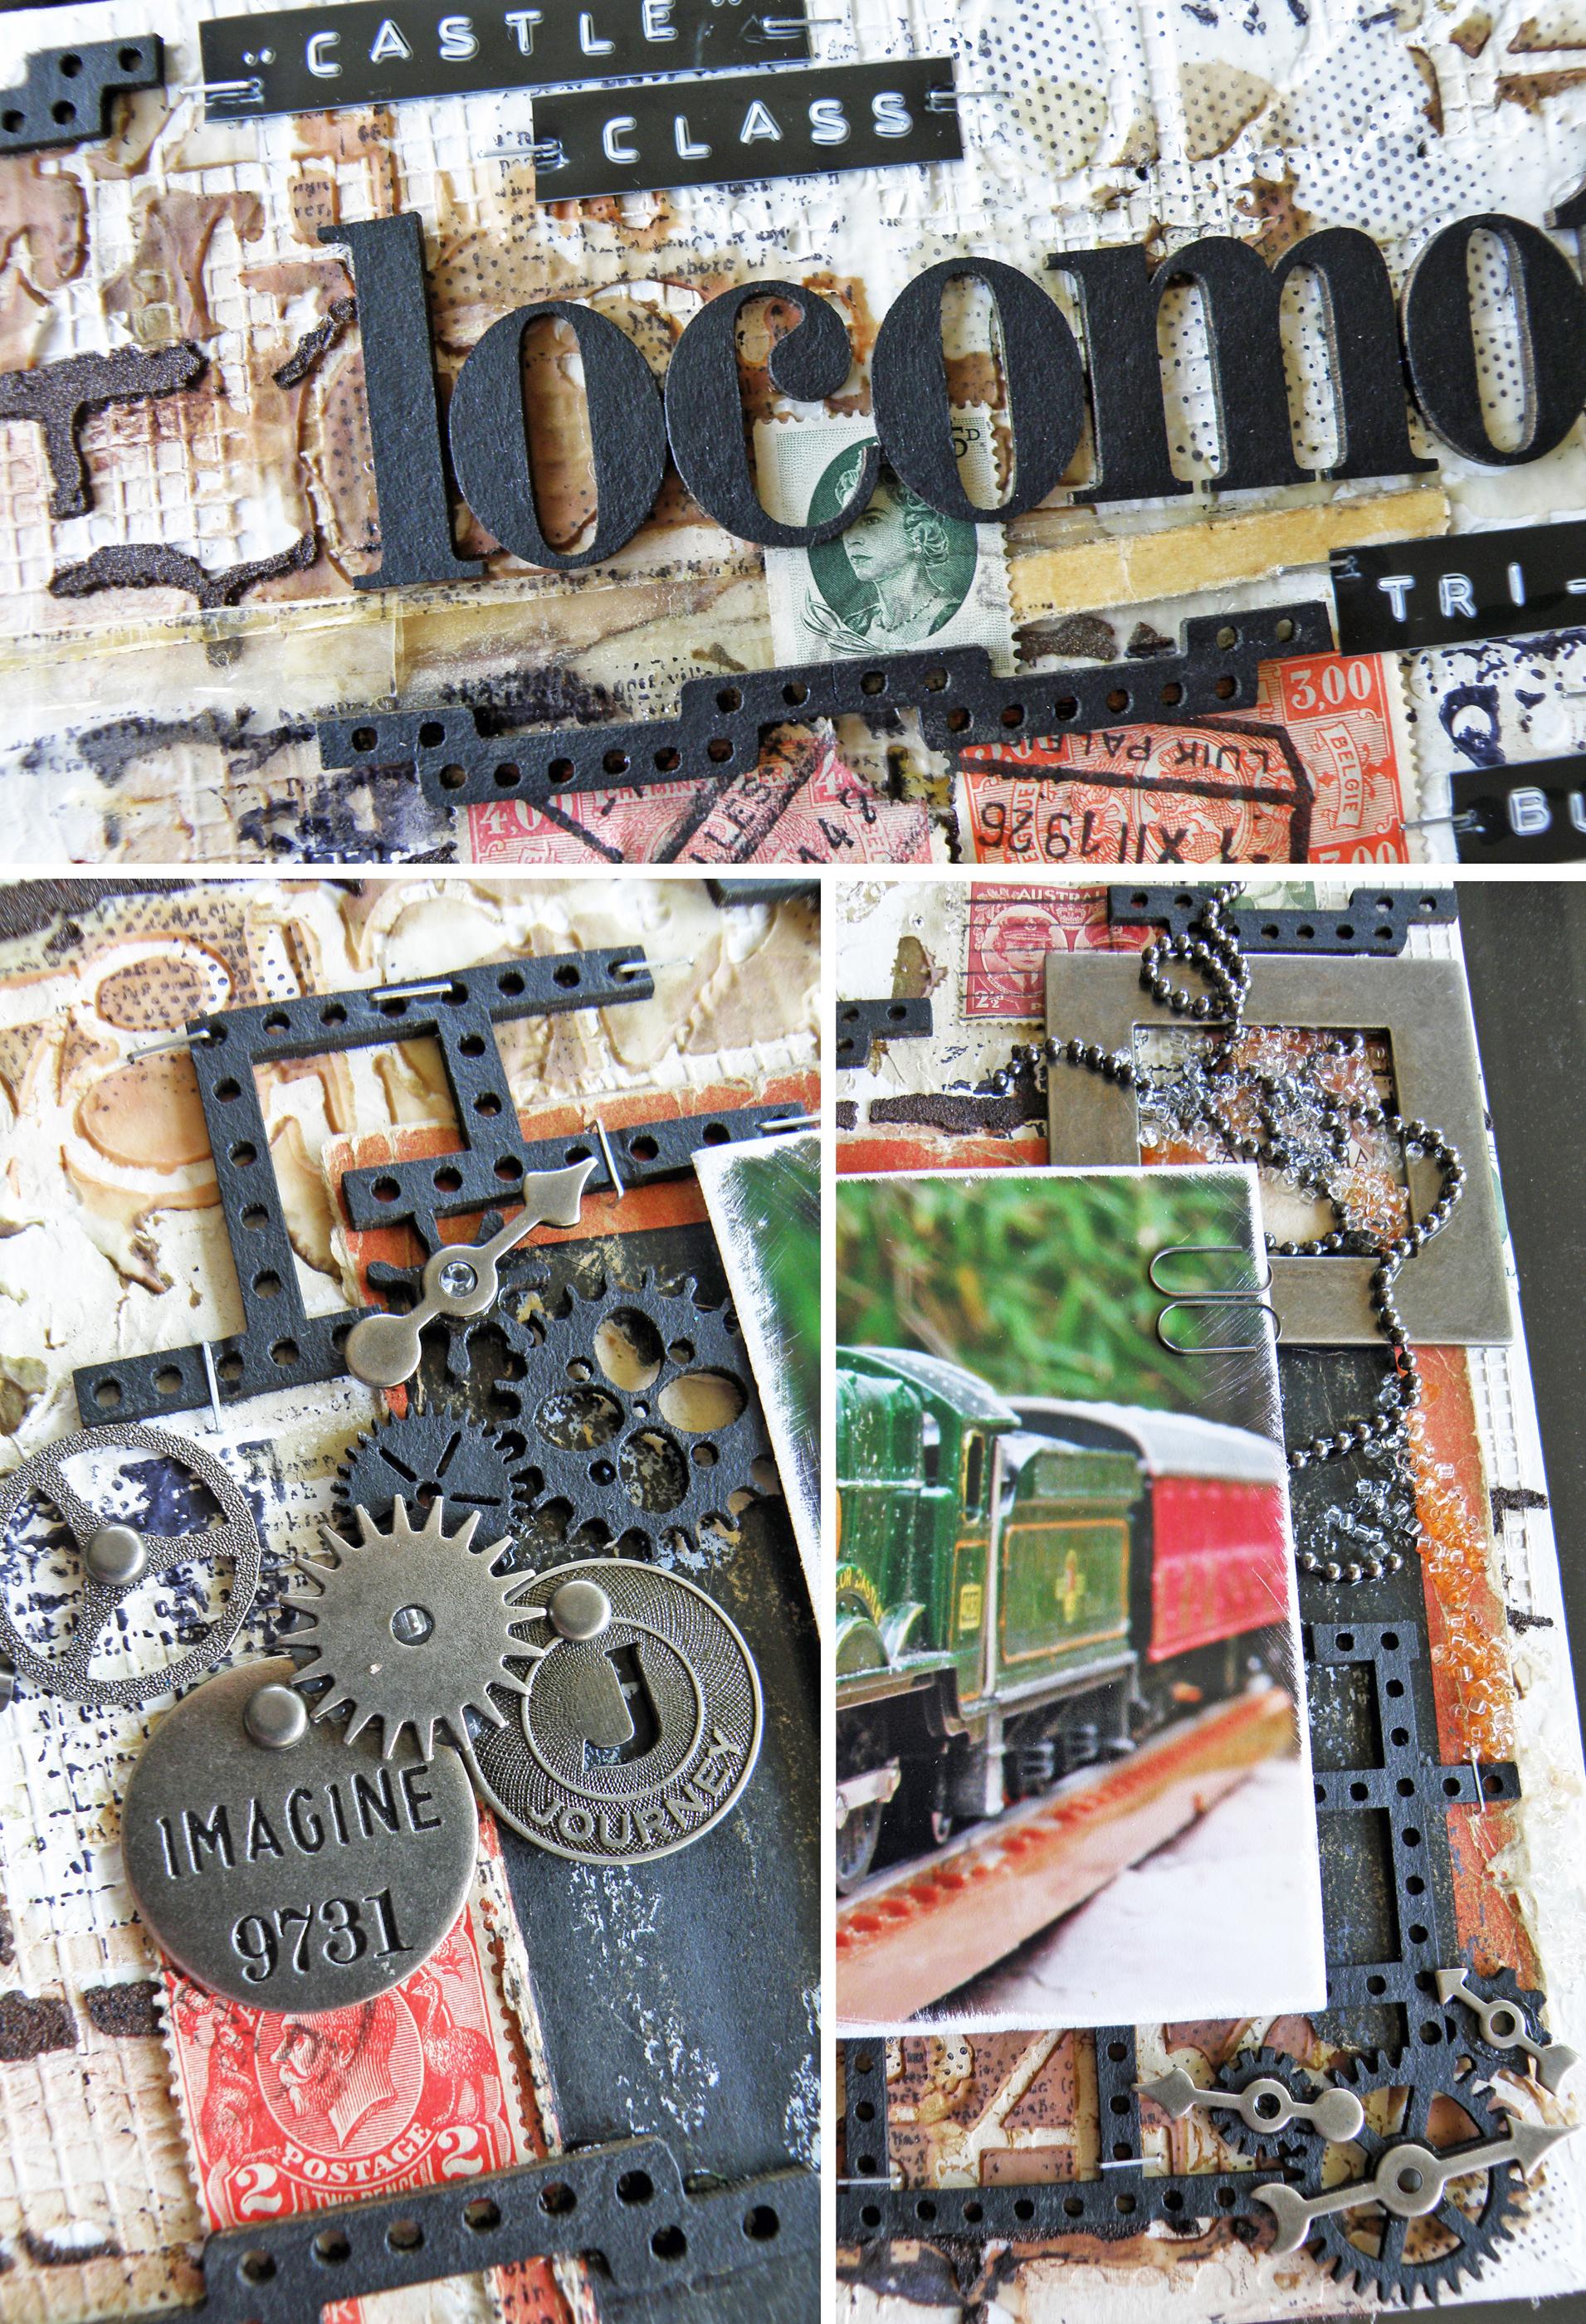 Locomotive - details for blog